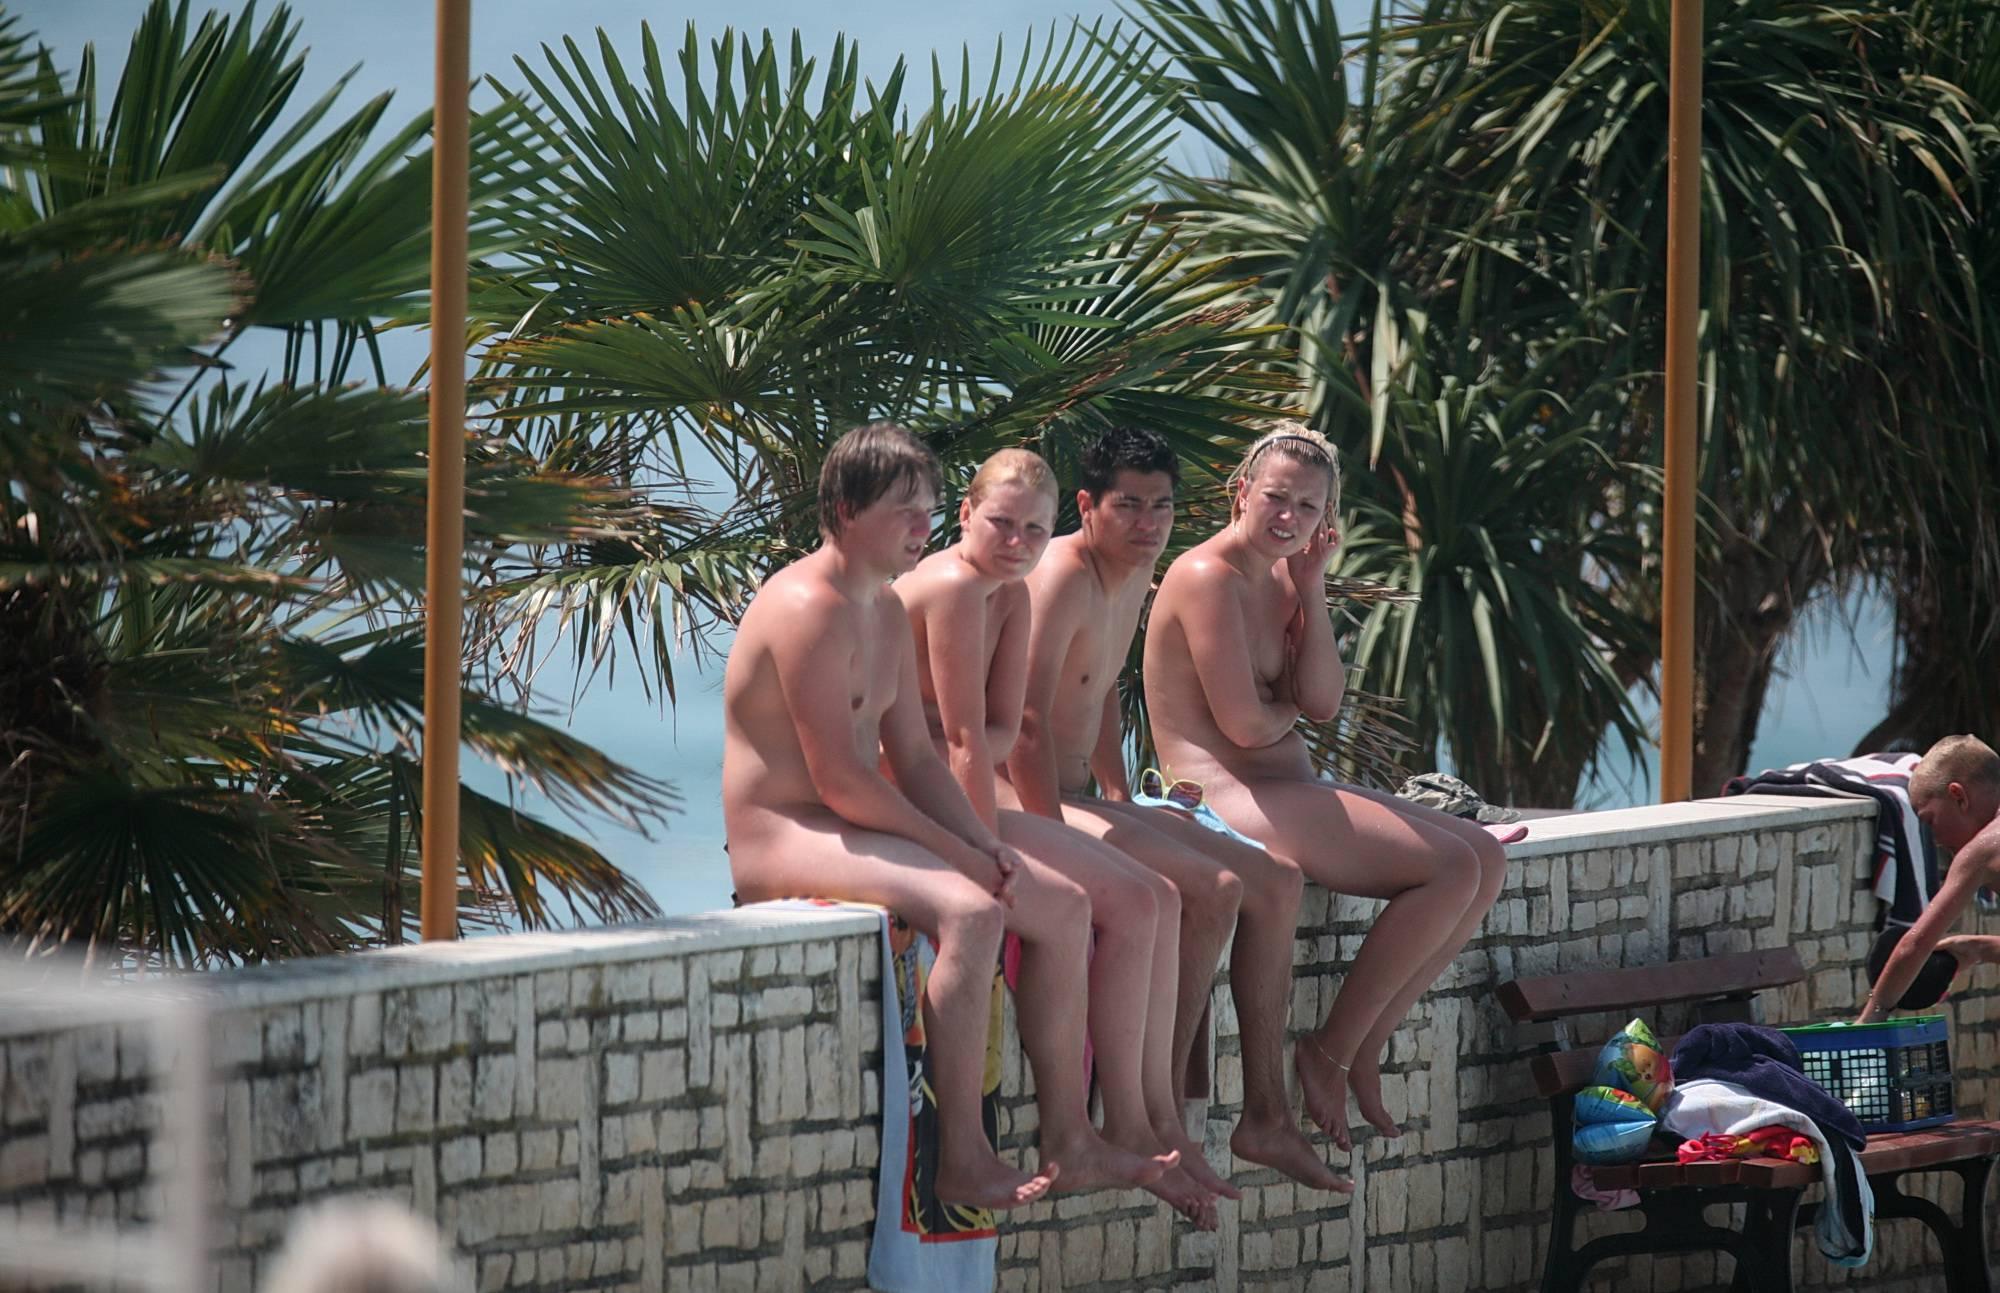 The Nudist Ledge Group - 2